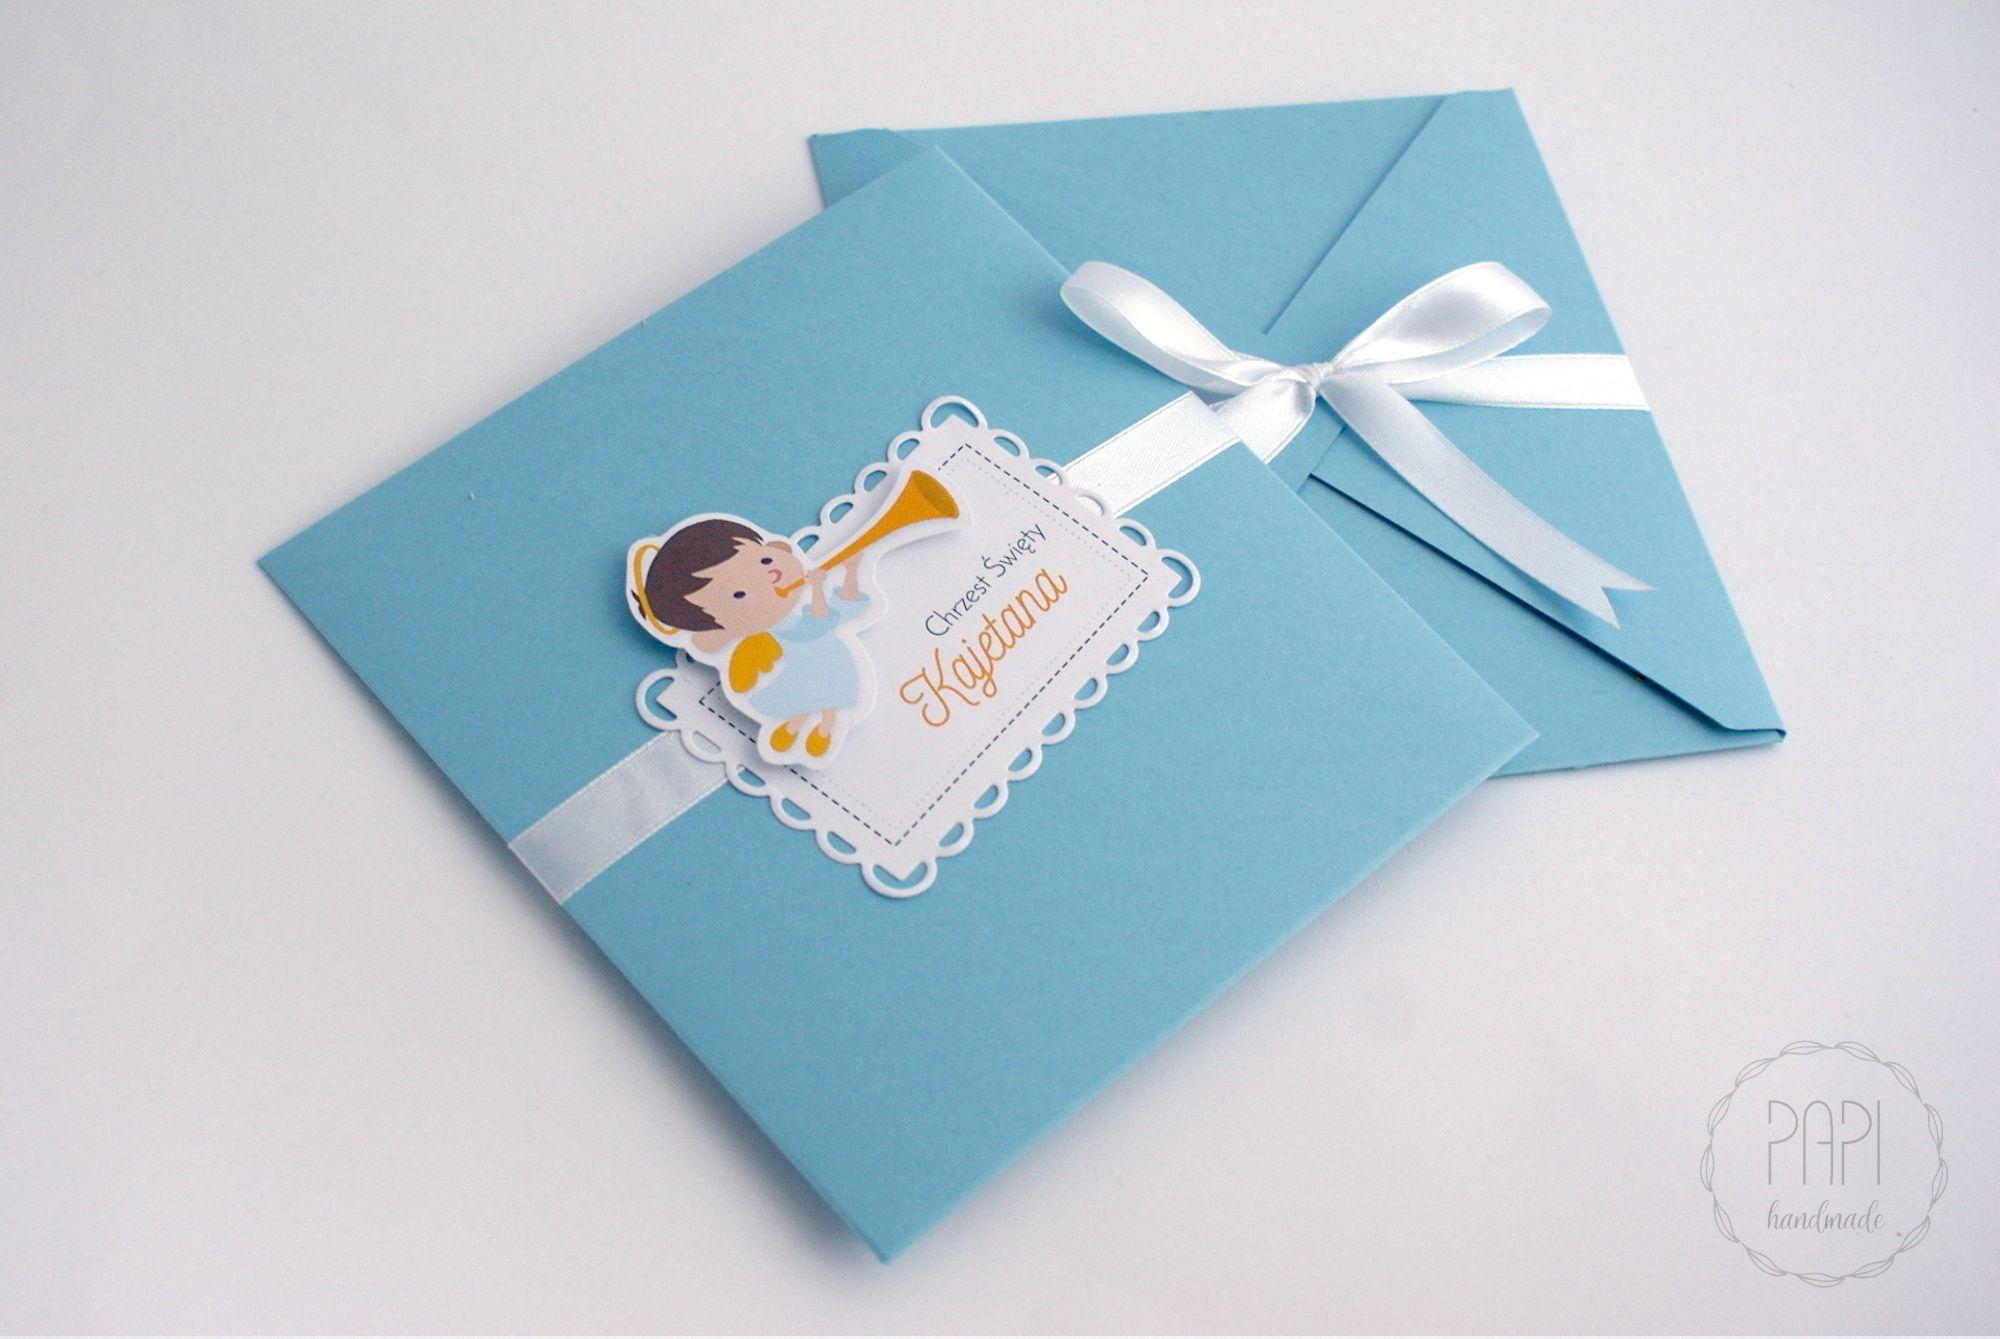 Zaproszenia Na Chrzest Z Aniołkiem Papi Handmade Paper Quilling